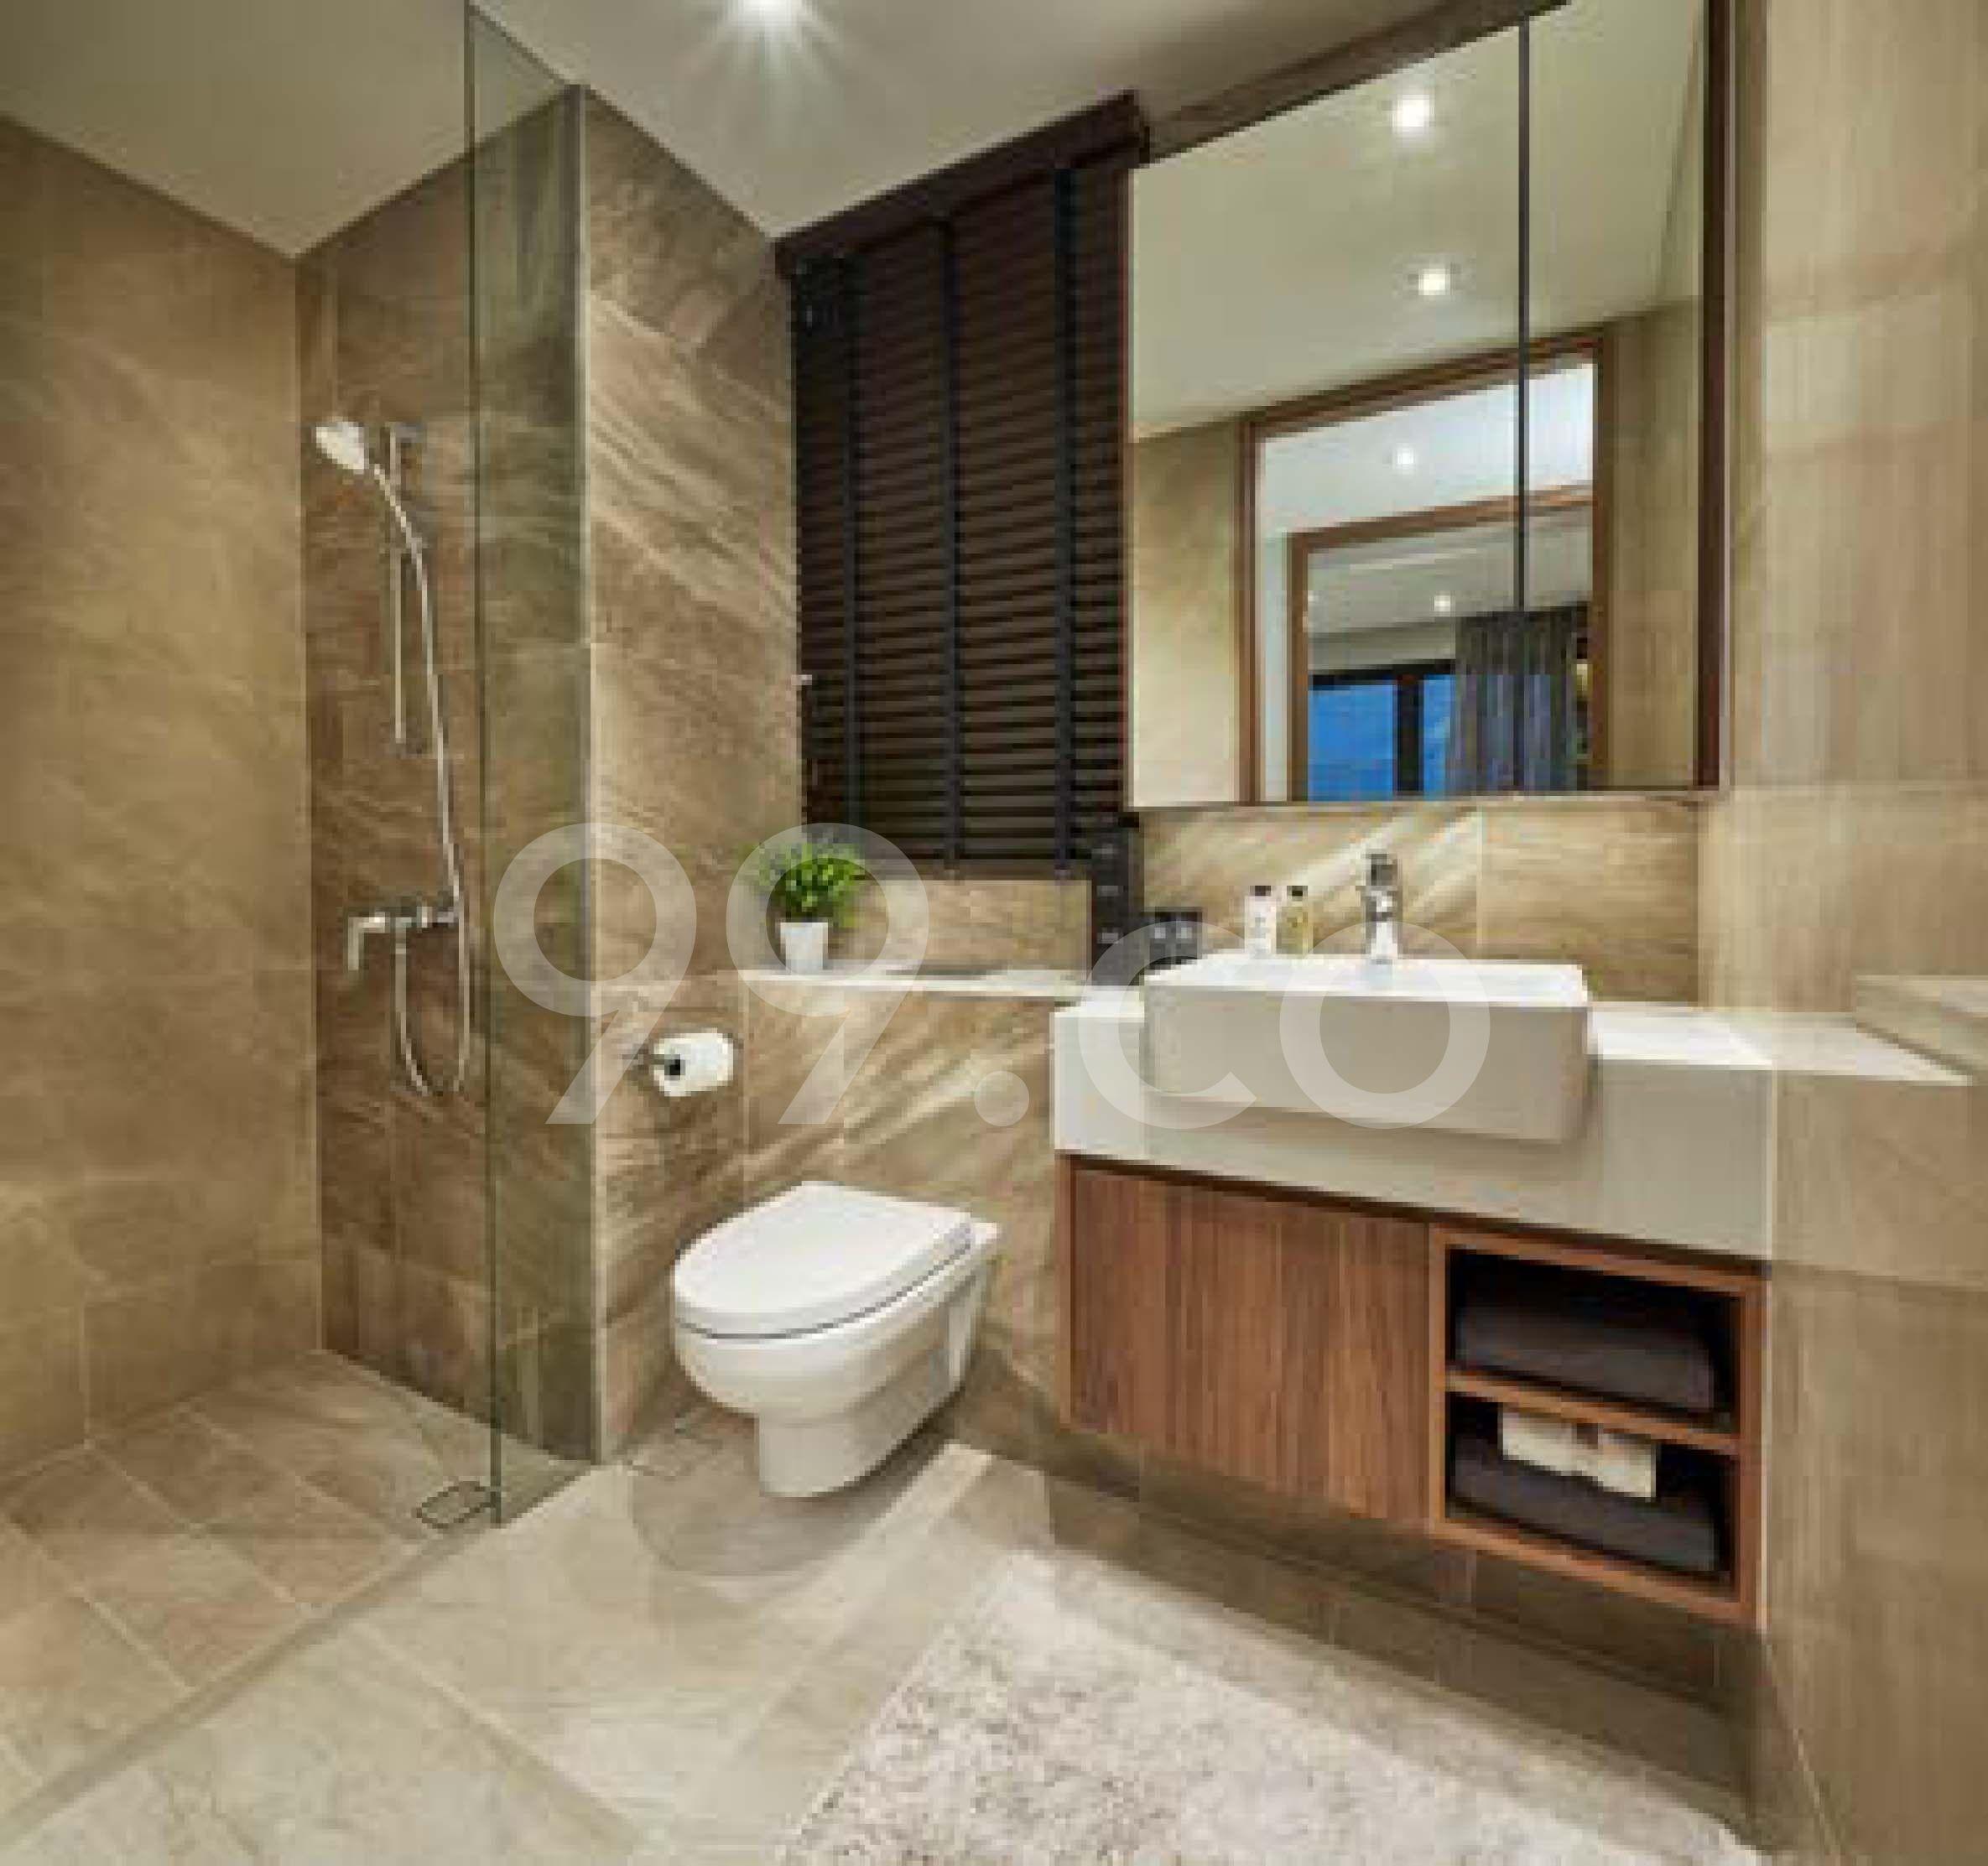 Whistler Grand Bathroom